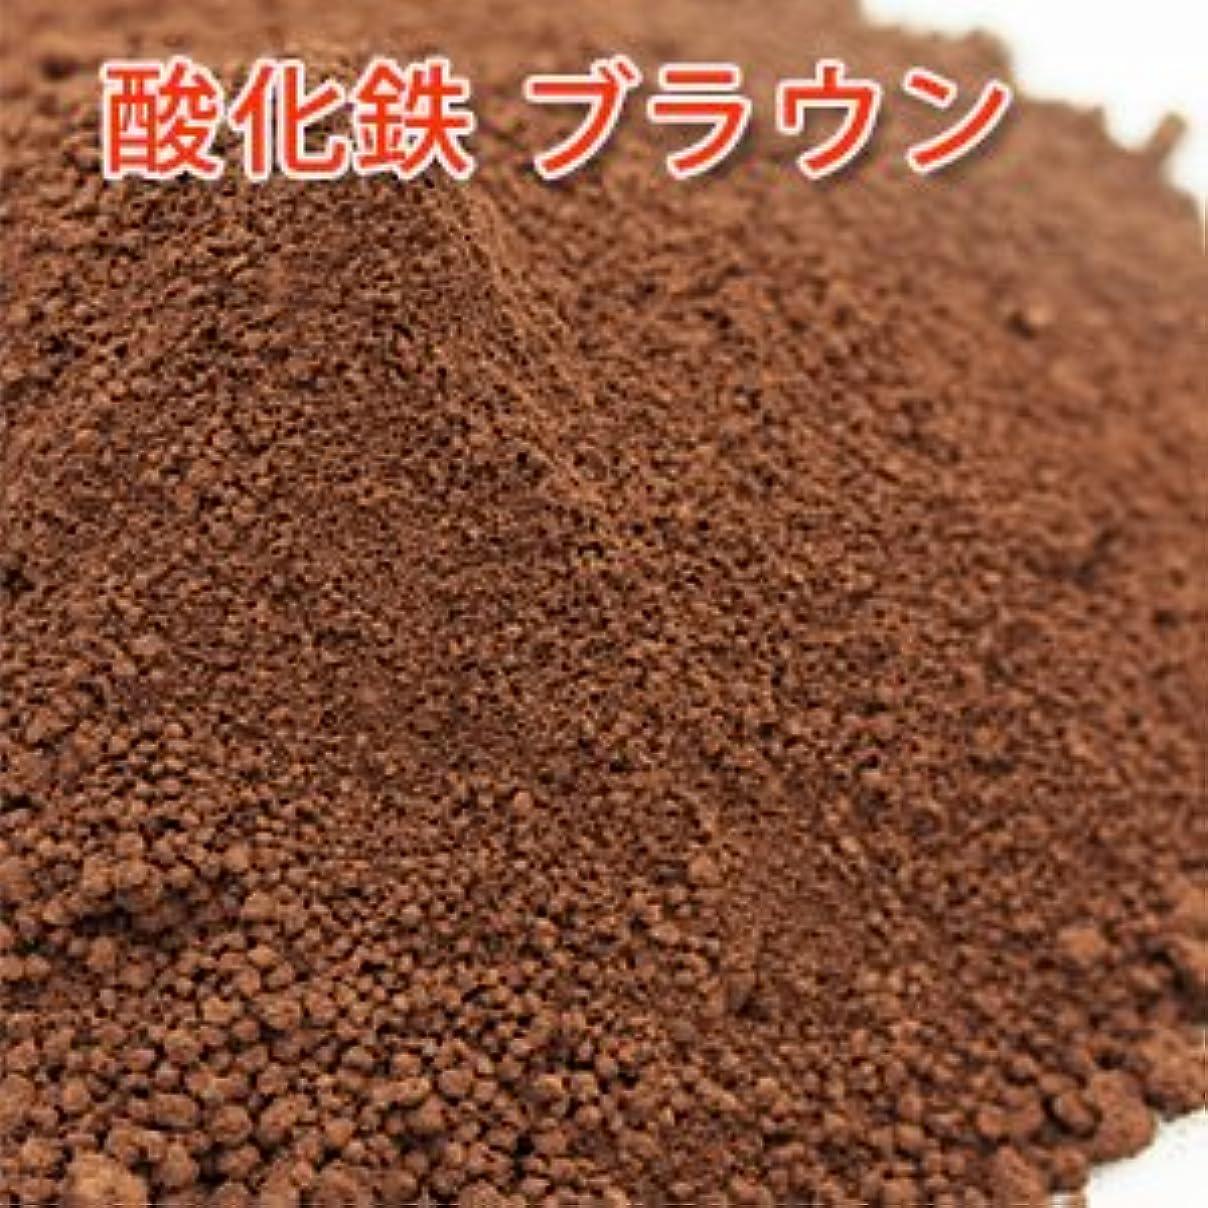 回復する章メタリック酸化鉄 ブラウン 5g 【手作り石鹸/手作りコスメ/色付け/カラーラント/茶】